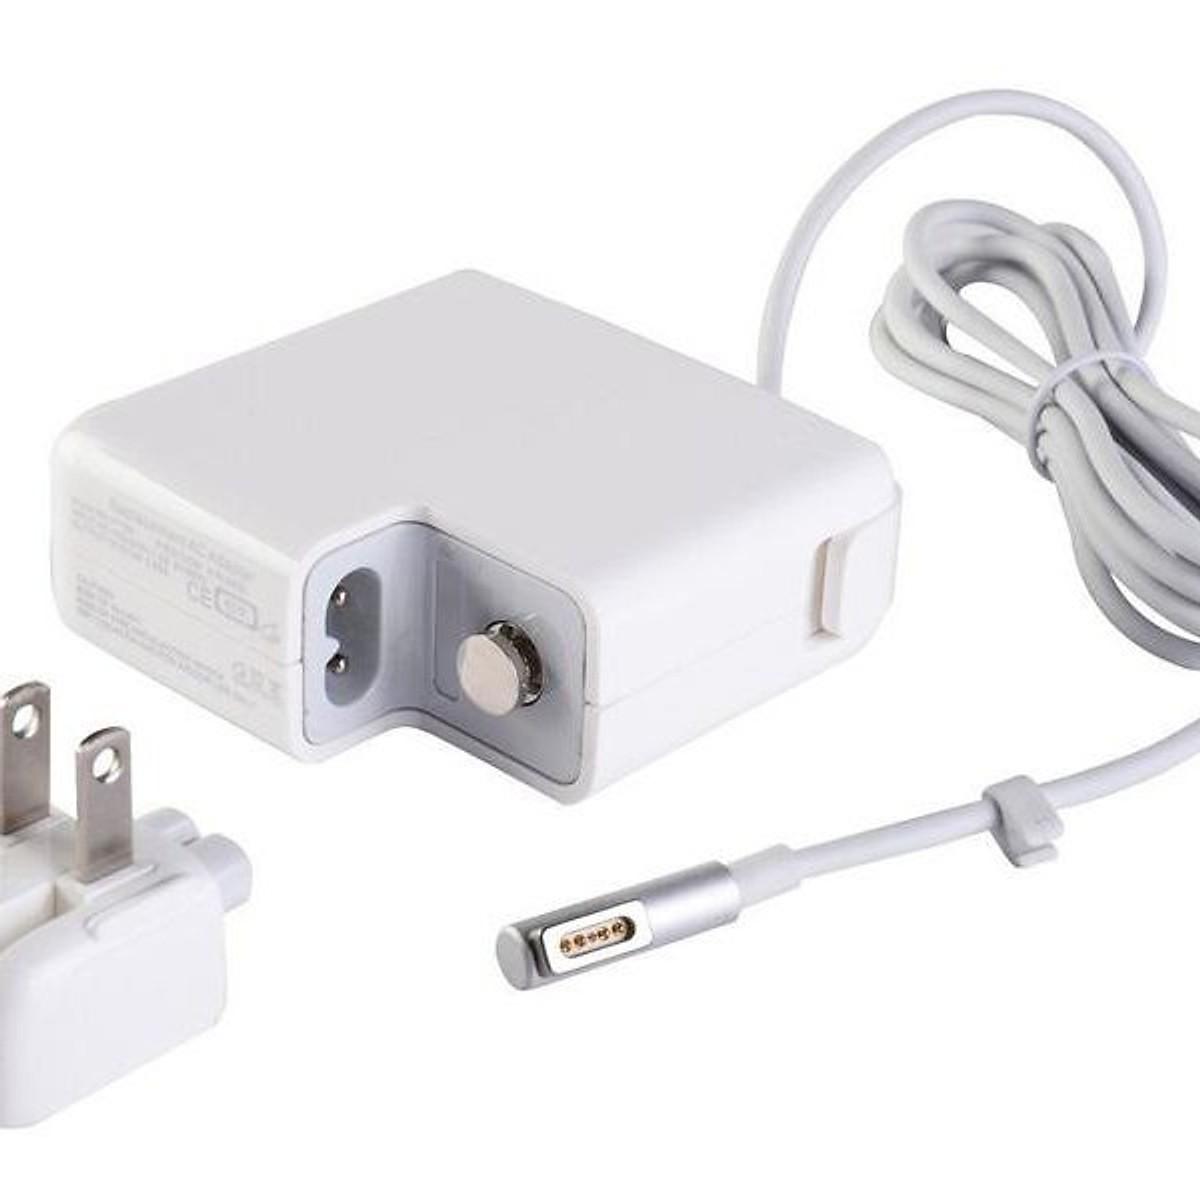 Sạc Macbook Pro 2010 15 inch A1286